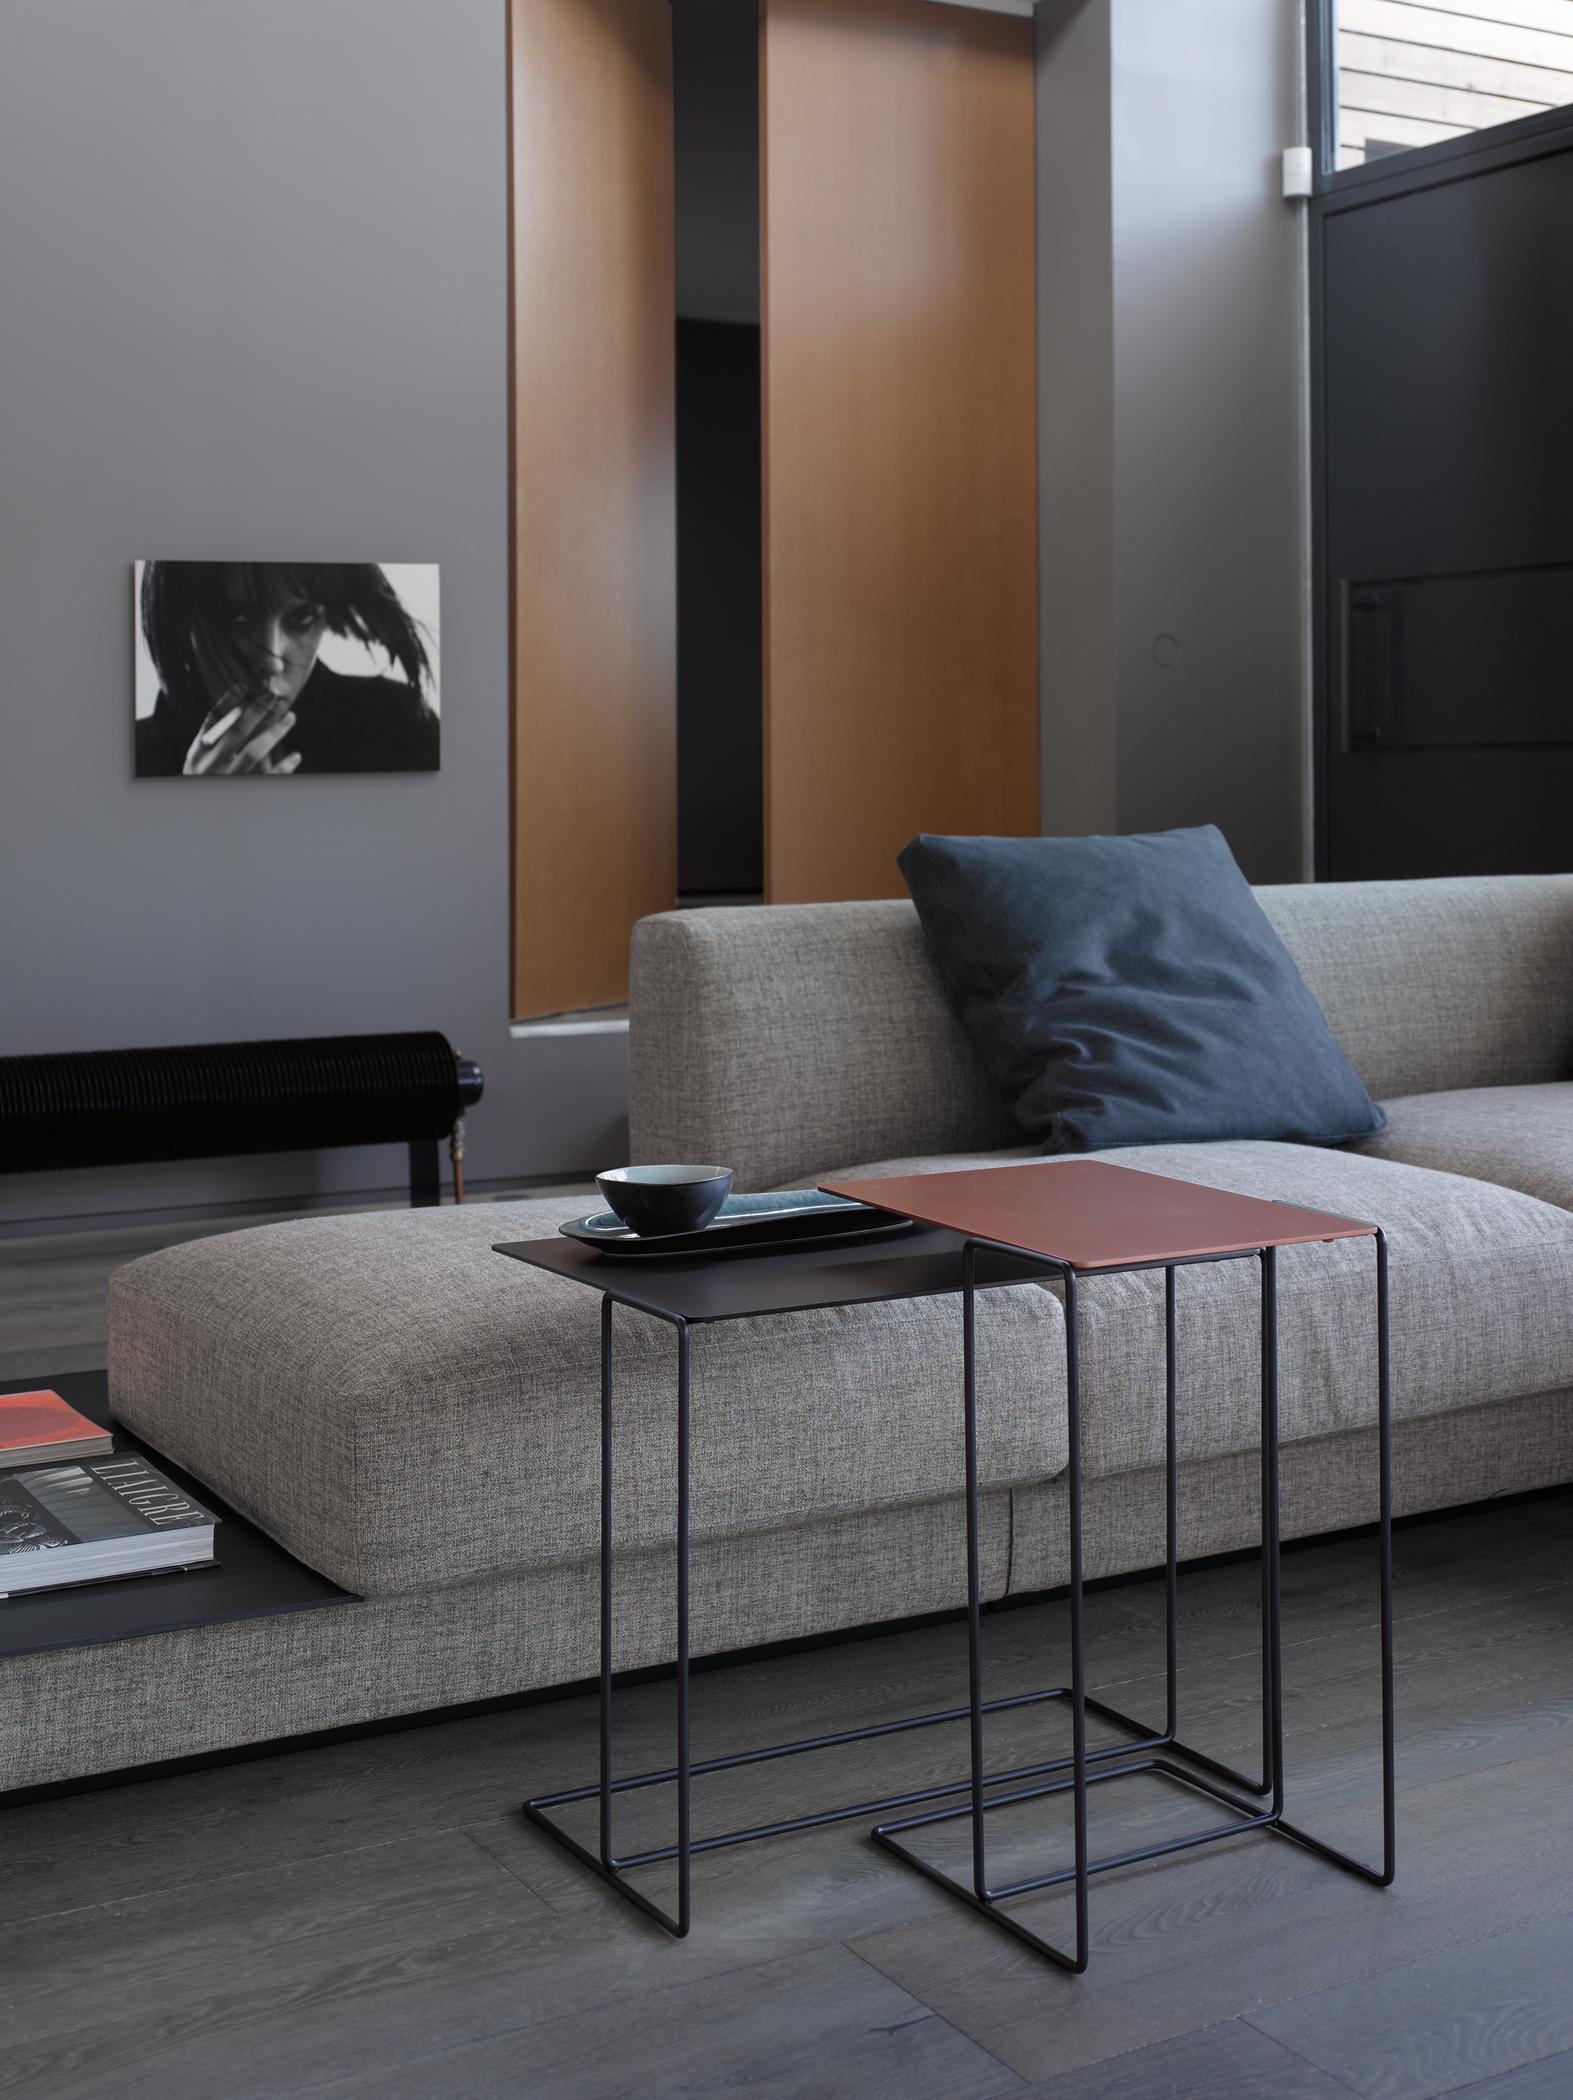 Minimalistisches Design Im Wohnzimmer Beistelltisch